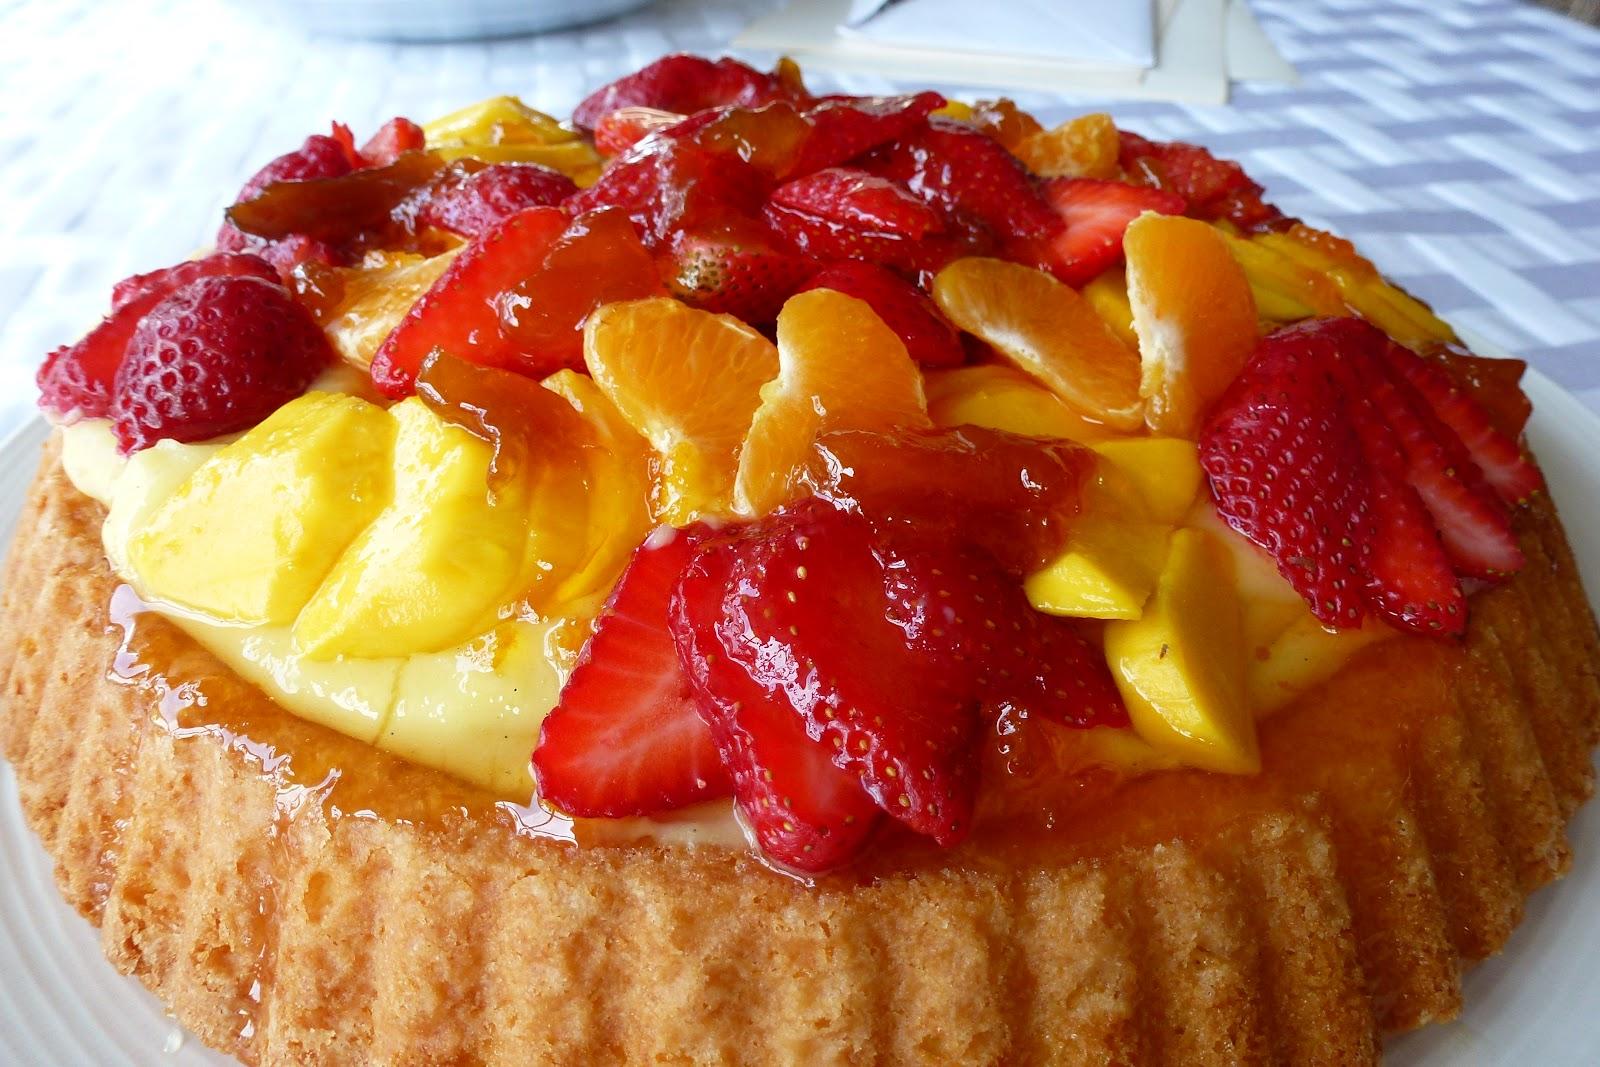 Easy sponge cake fillings recipe